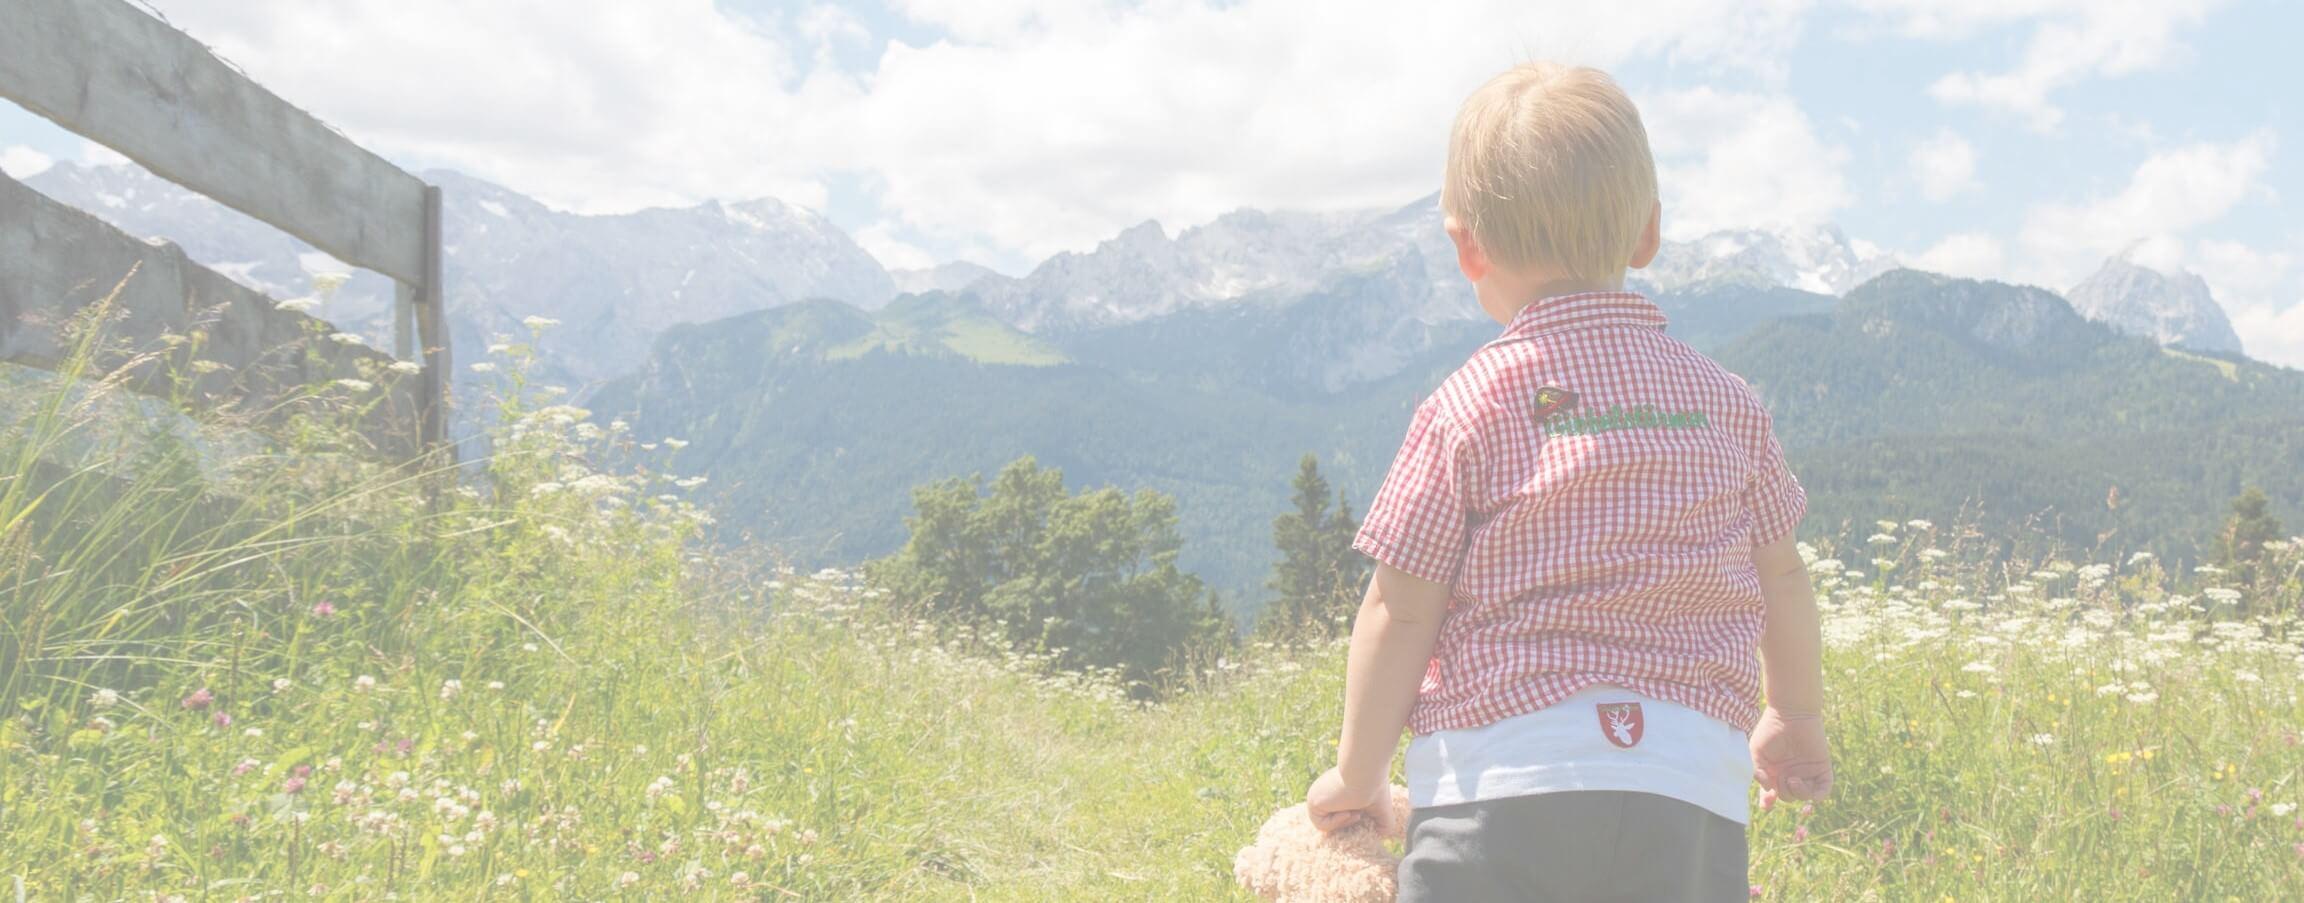 Alles, was du für dein Outdoor Abenteuer benötigst: Wandern